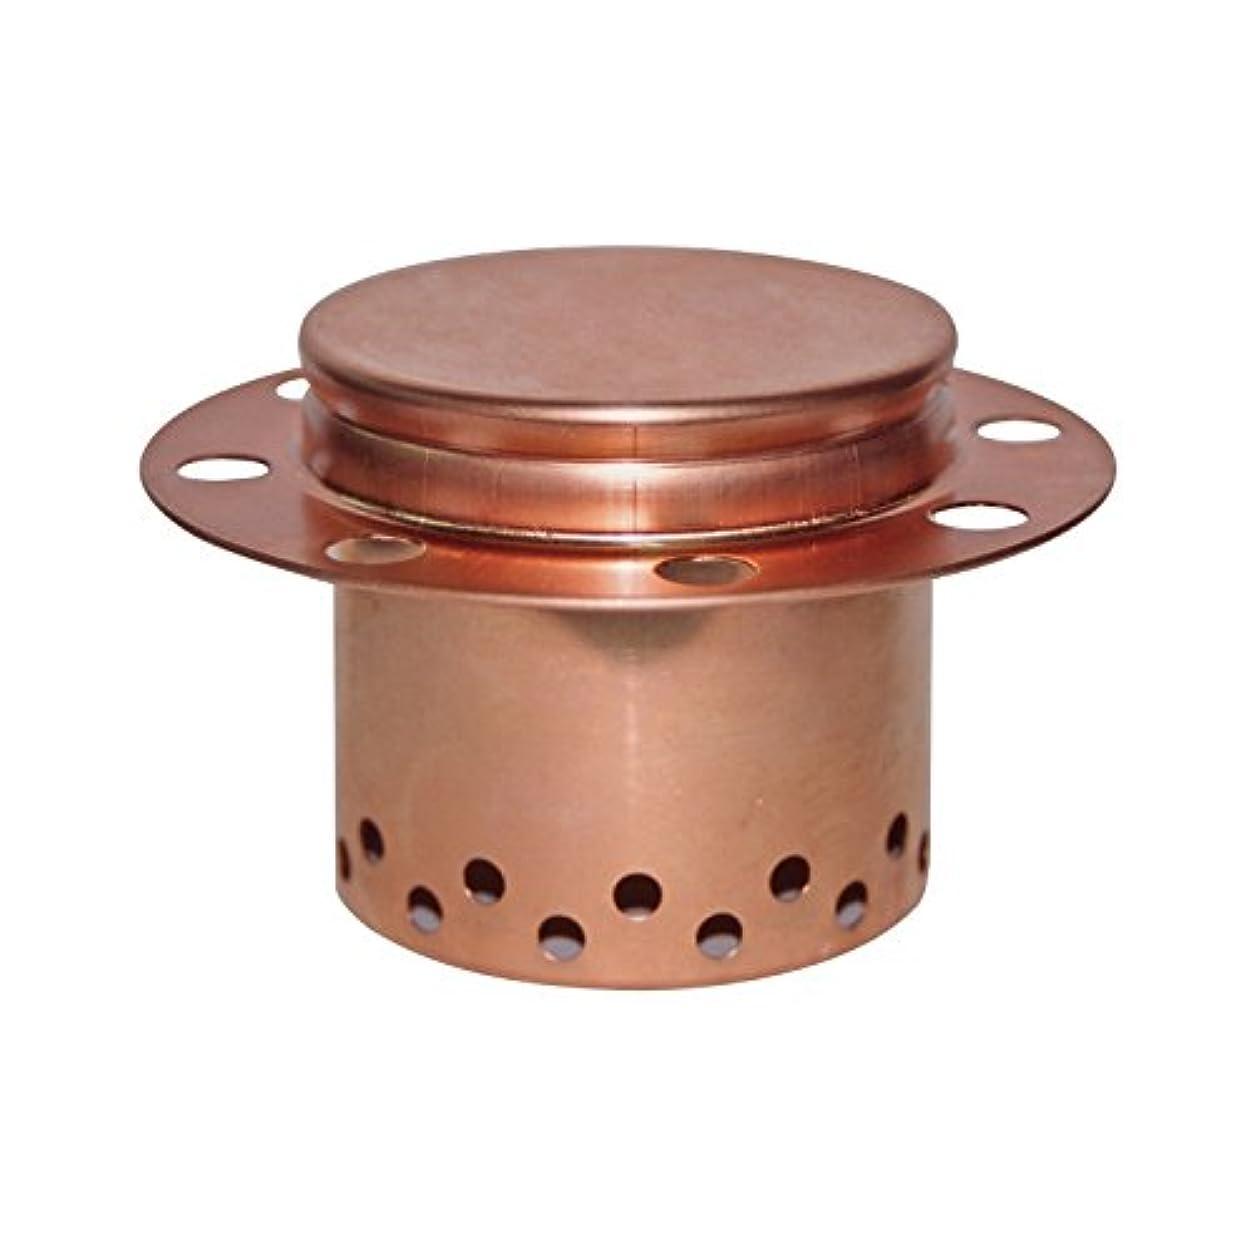 ピクニックアプトアラーム置くだけで清潔 シンク排水管のぬめりを抑える 銅トラップ